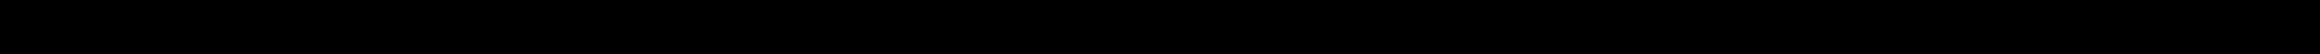 CHAMPION COF100136S, 9111019, 7700107905, 7700110796, 7700272523 Olejový filtr